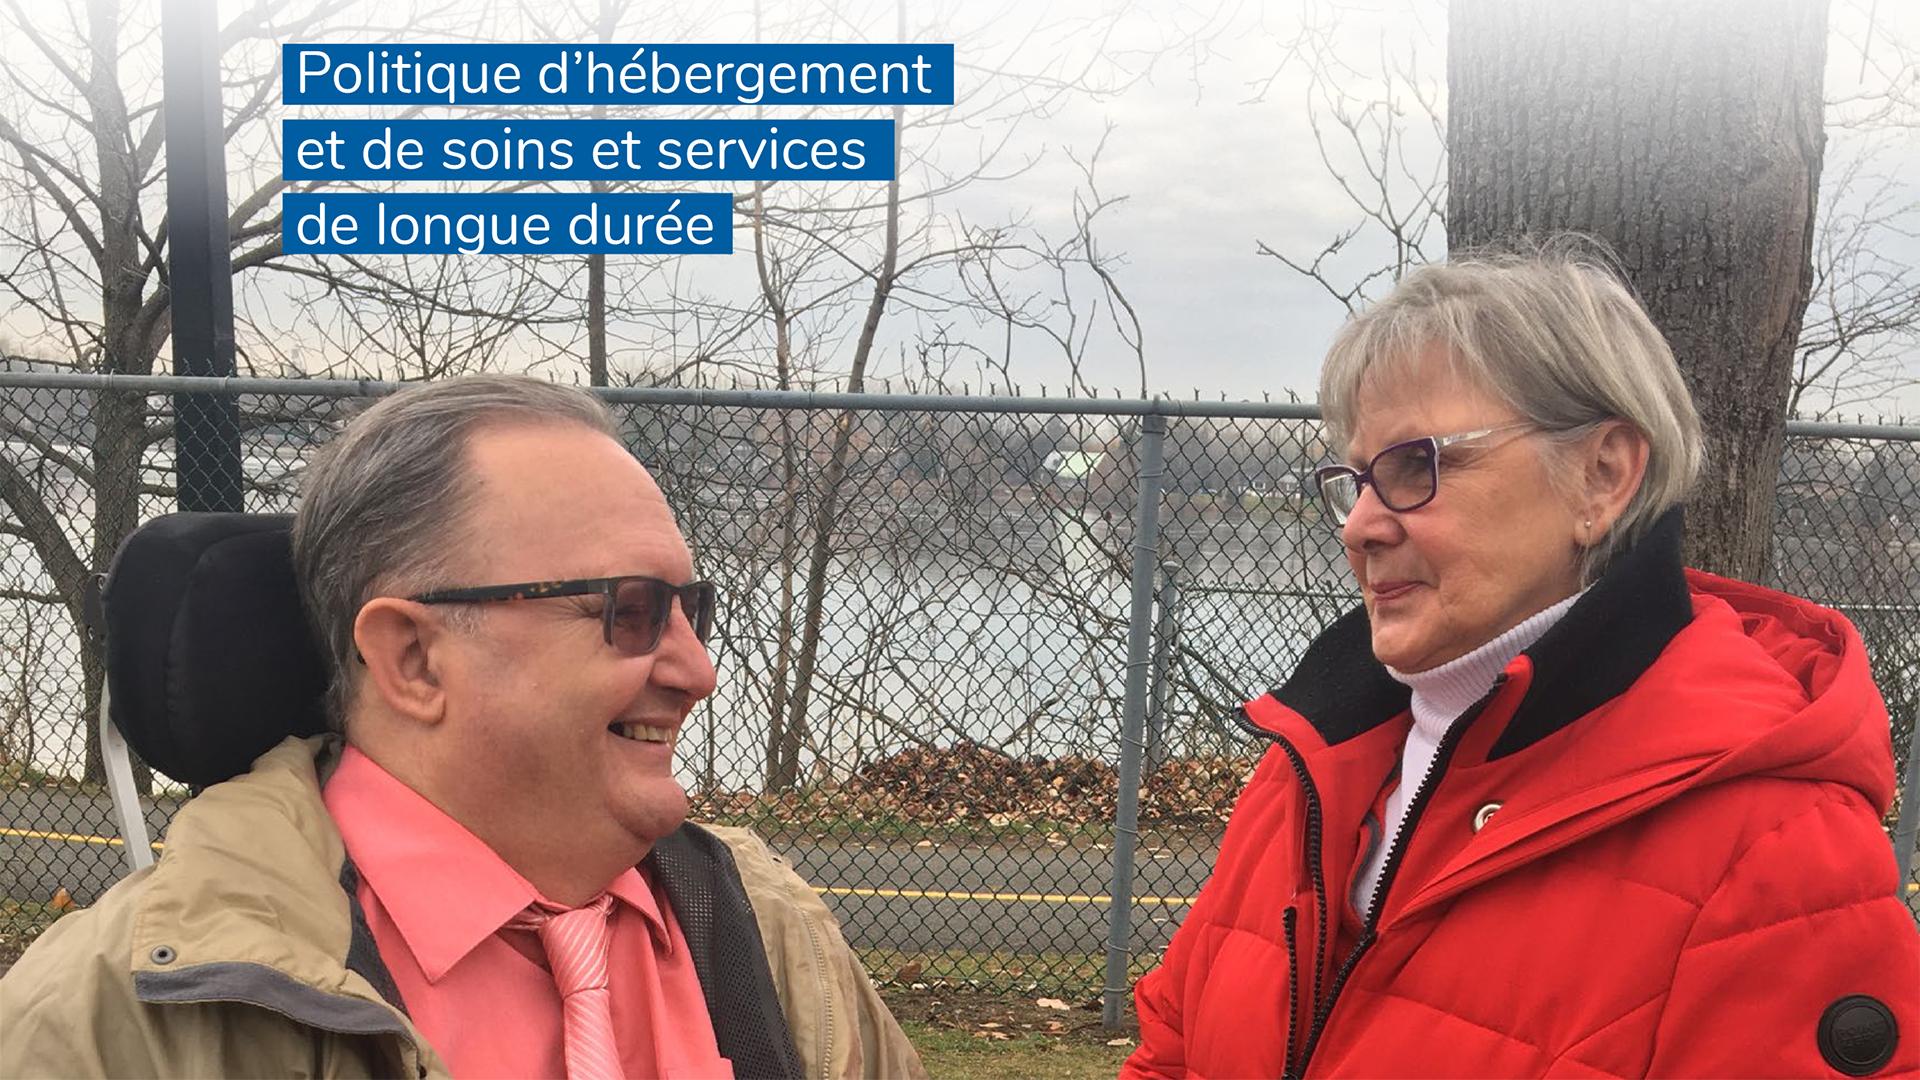 Les usagers accueillent favorablement la politique d'hébergement et de soins et services de longue durée annoncée par le gouvernement du Québec